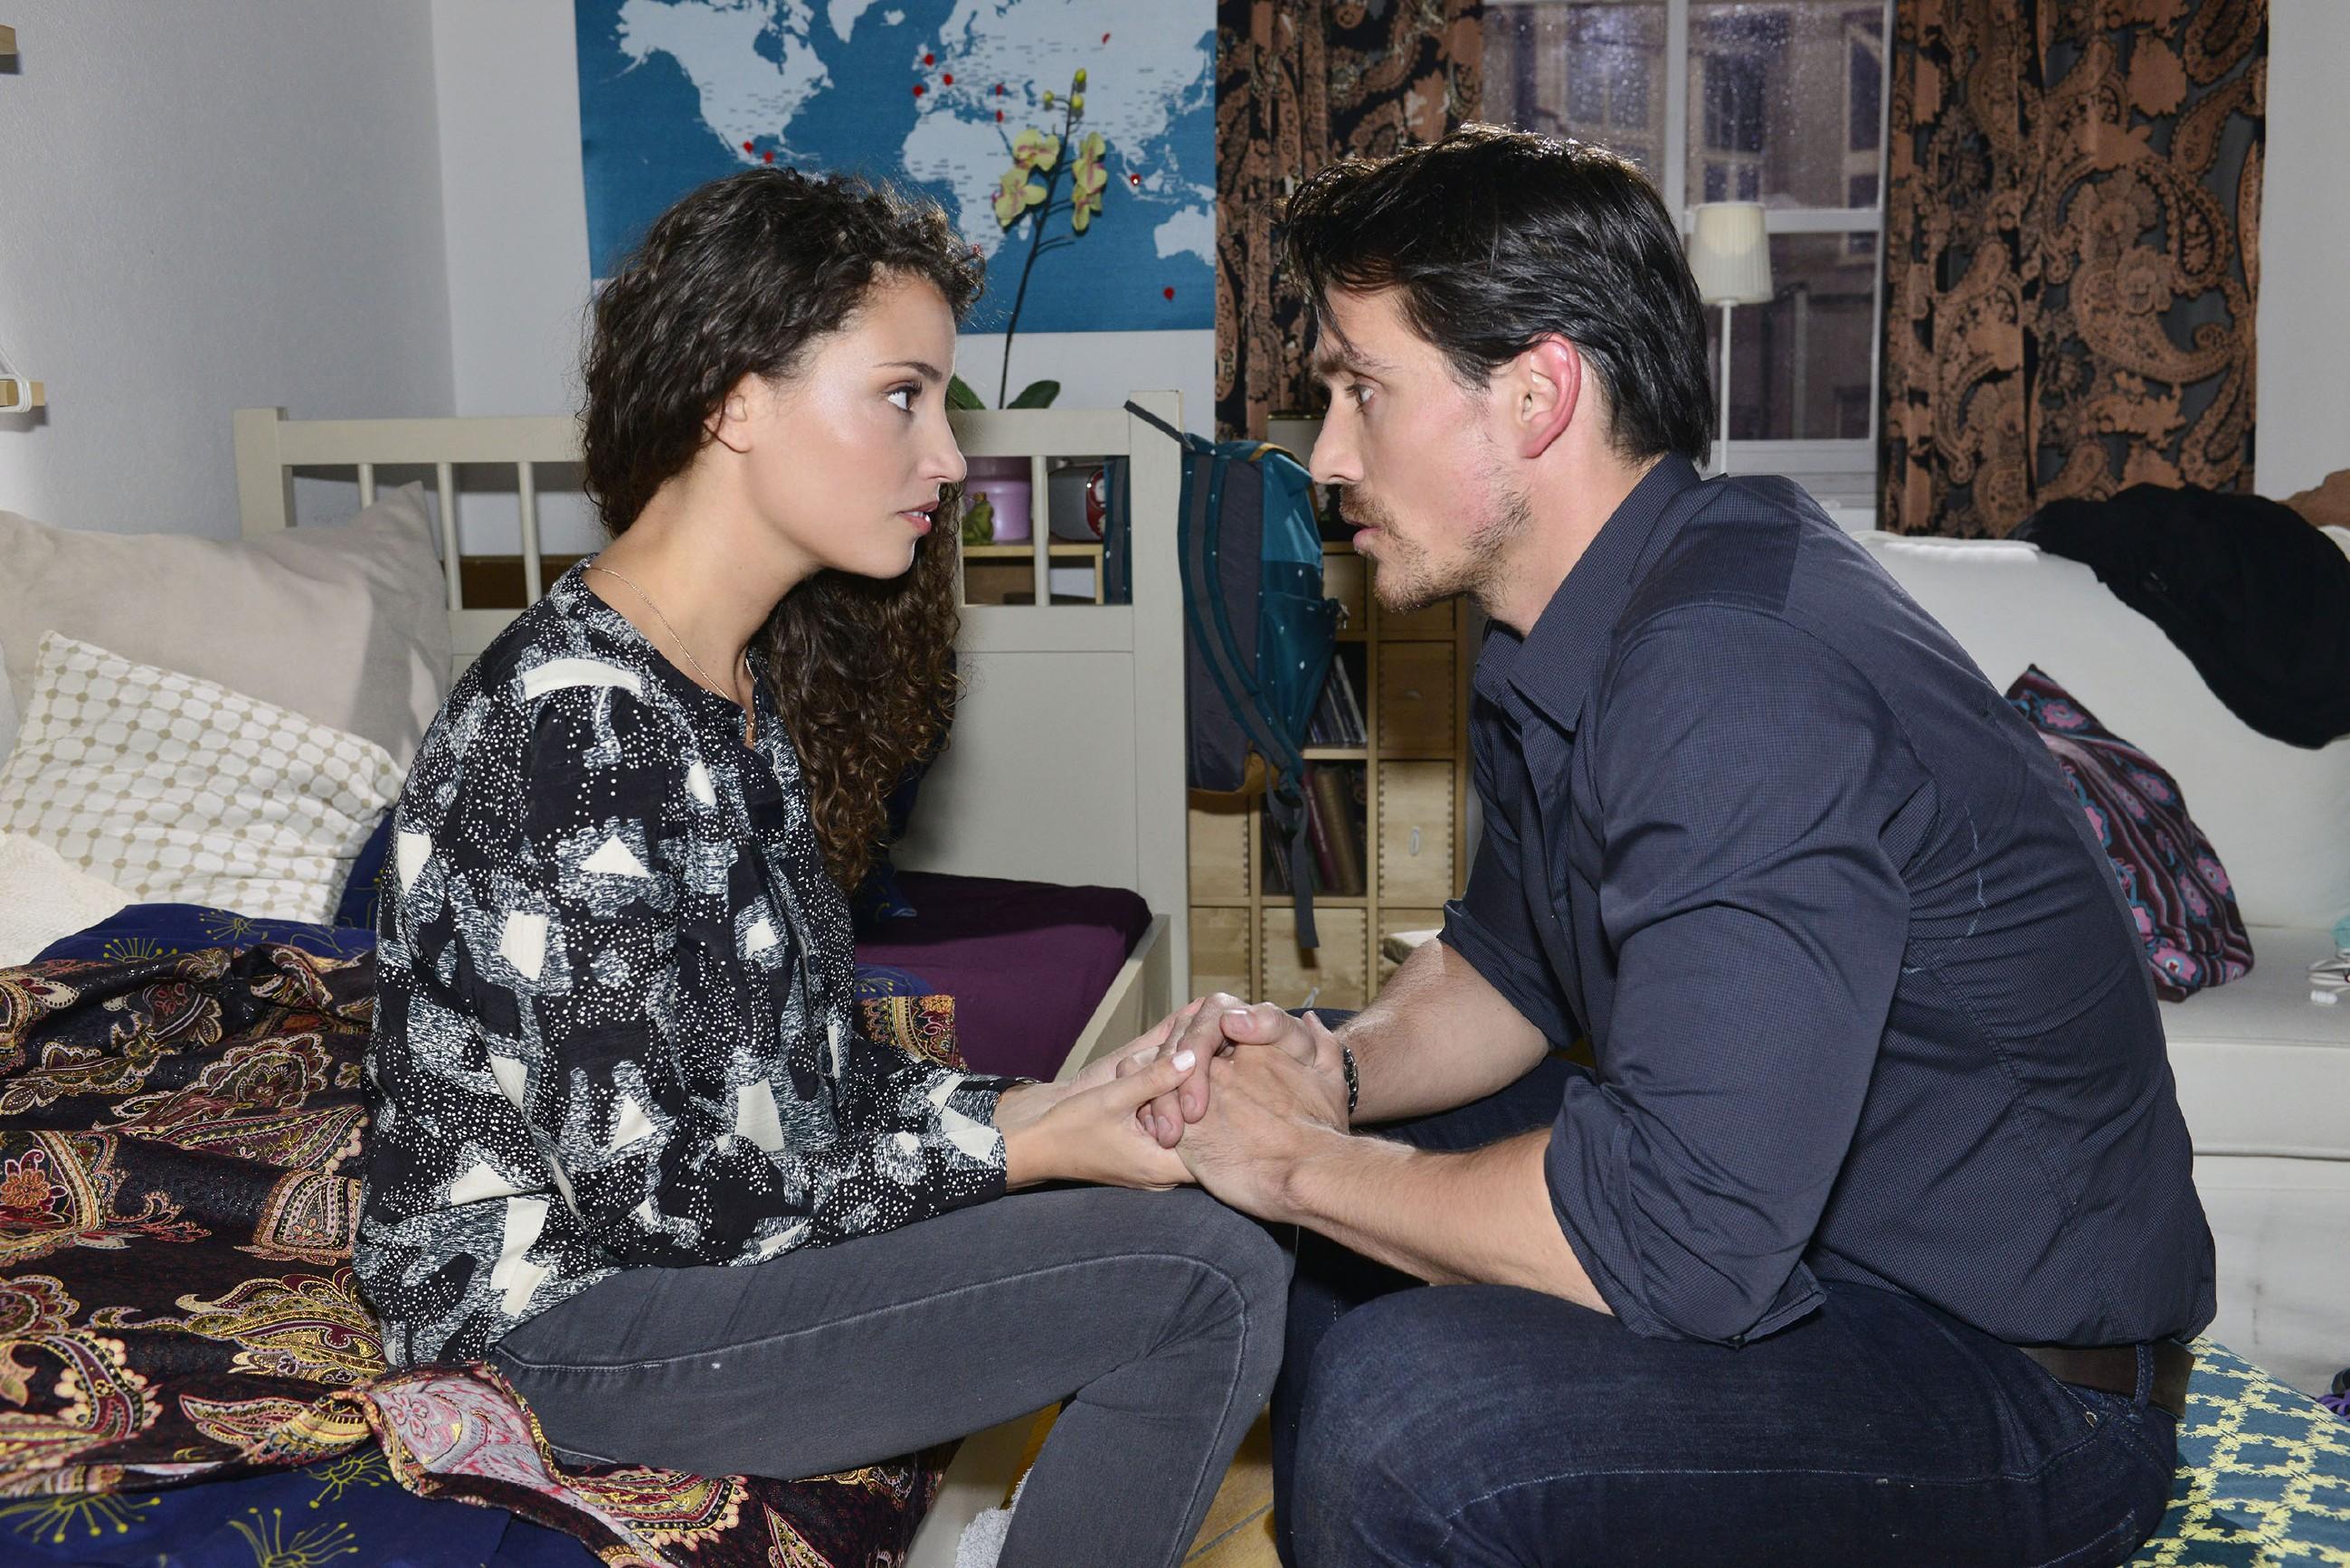 Als David (Philipp Christopher) Ayla (Nadine Menz) die ganze Wahrheit über den Unfall und Gerners Drohungen gesteht, scheint sich das Paar für einen kurzen Moment wiederzufinden. Aber haben die beiden wirklich eine gemeinsame Zukunft?